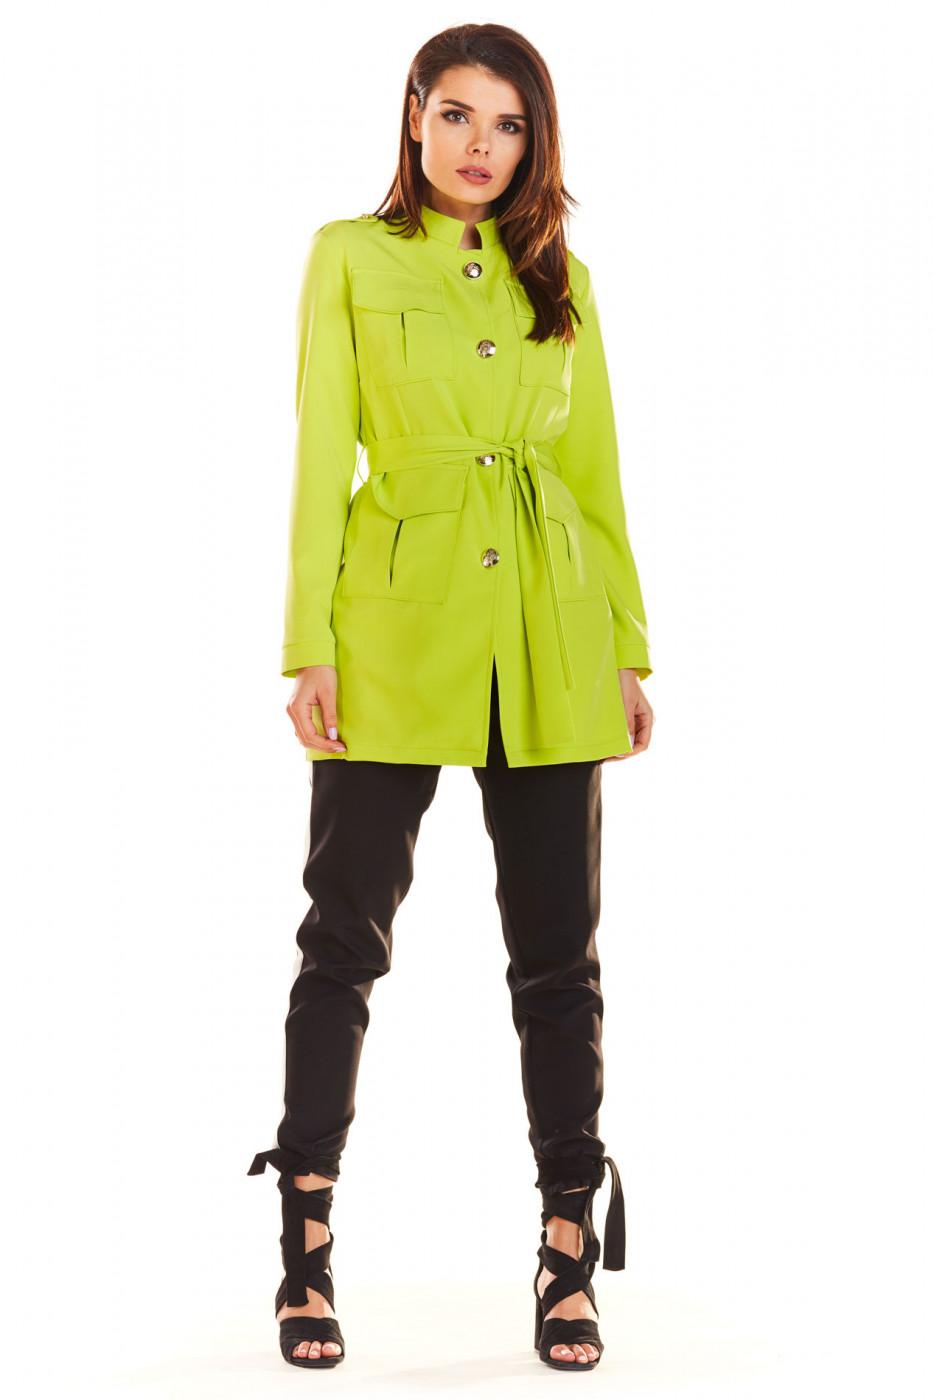 Awama Woman's Jacket A271 Lime